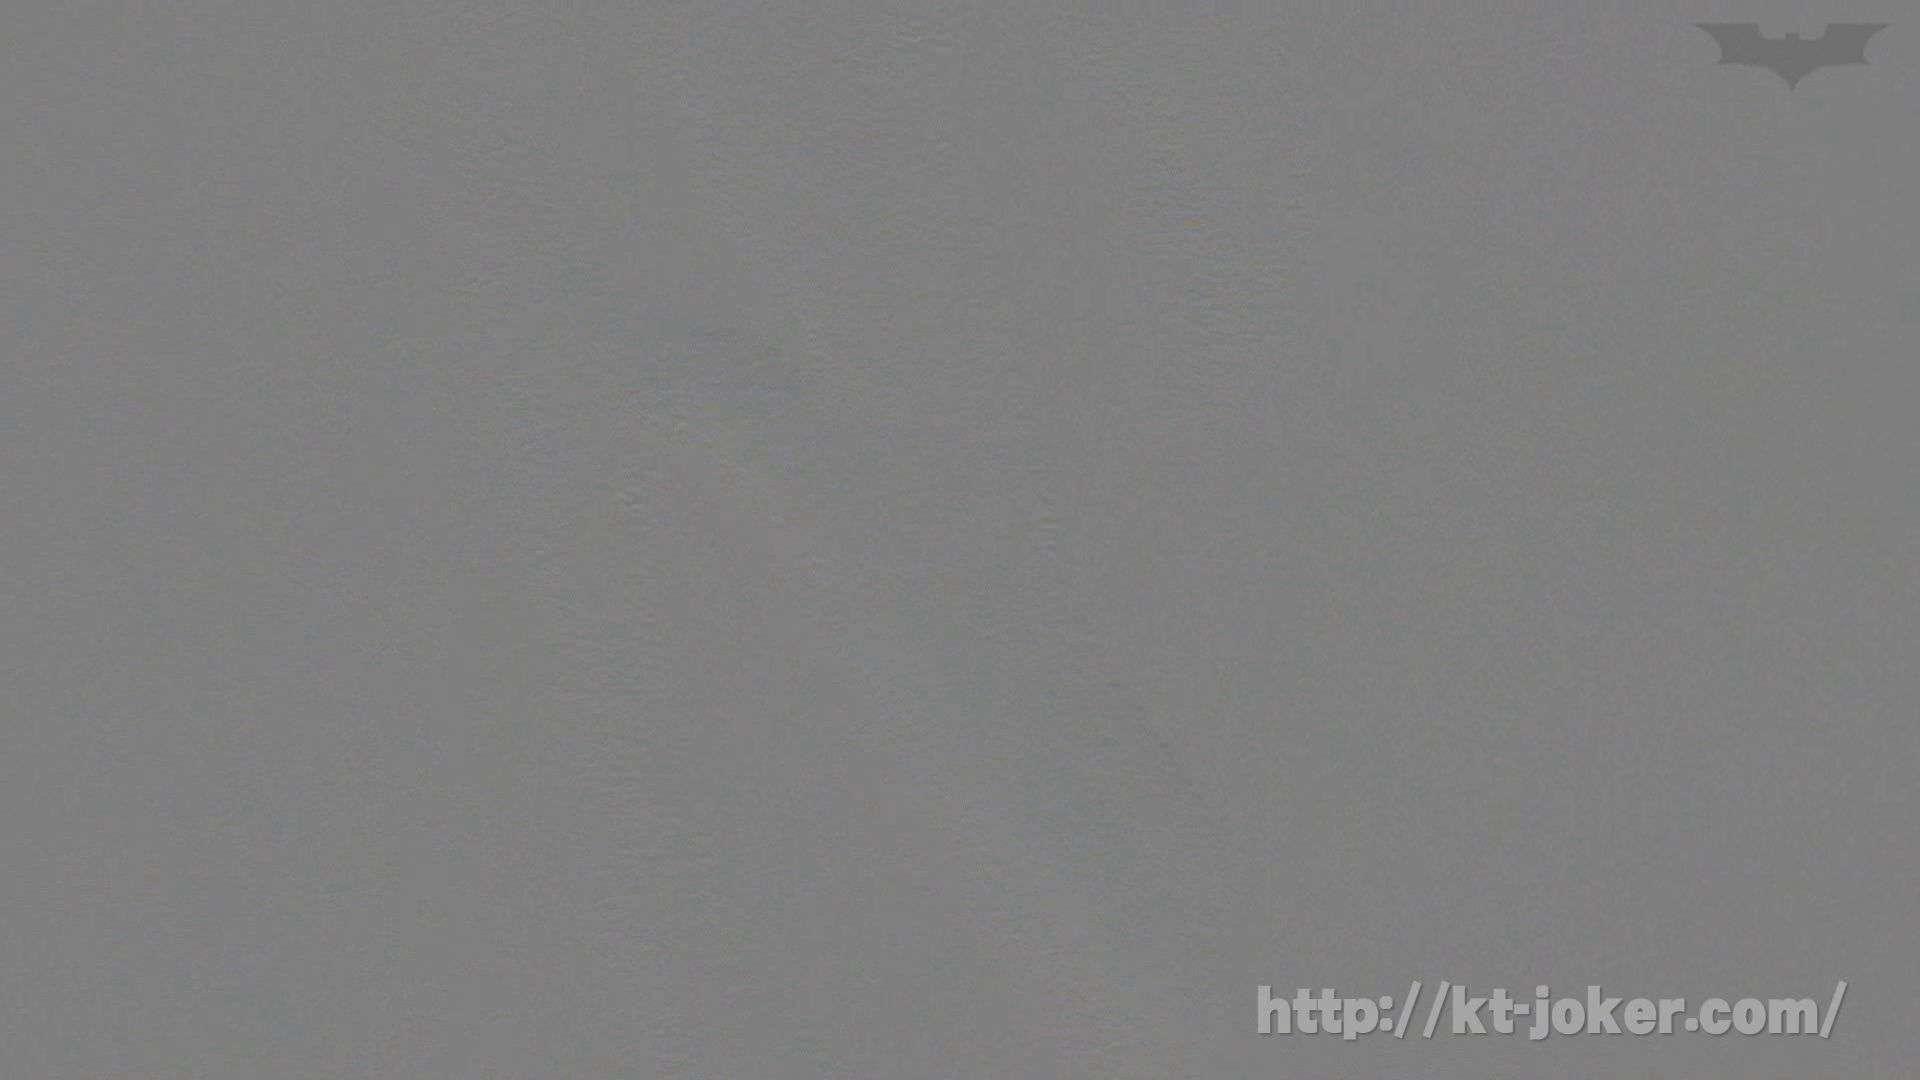 命がけ潜伏洗面所! vol.68 レベルアップ!! 美女OL | プライベート  81連発 37